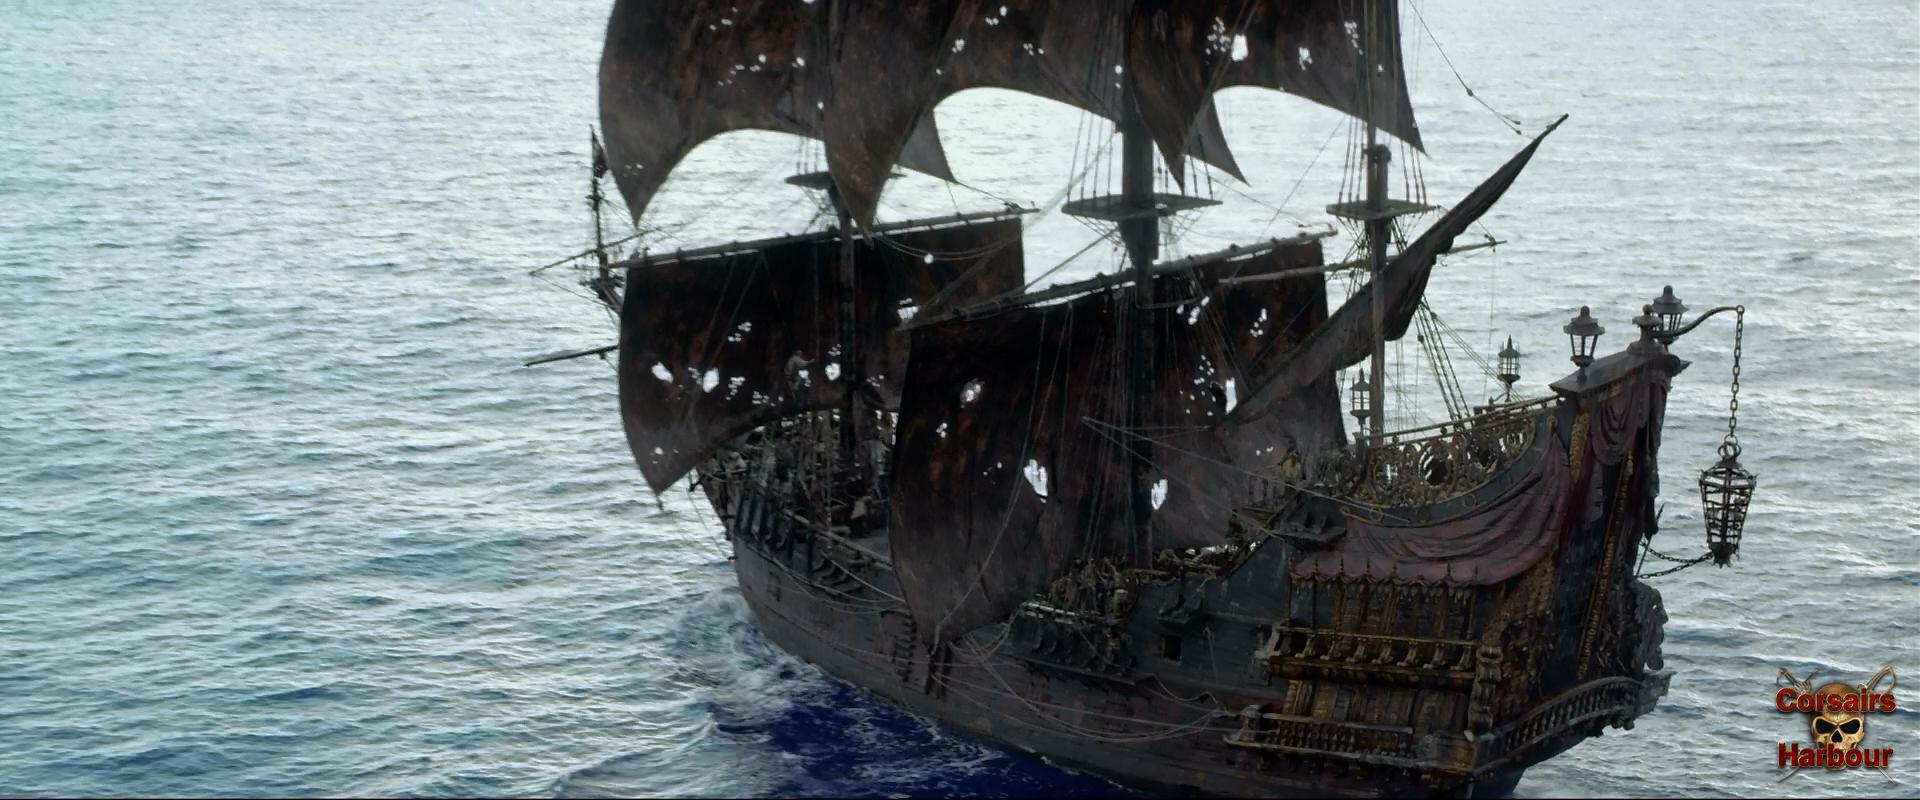 Пираты карибского моря: на странных берегах - кадры - гавань.